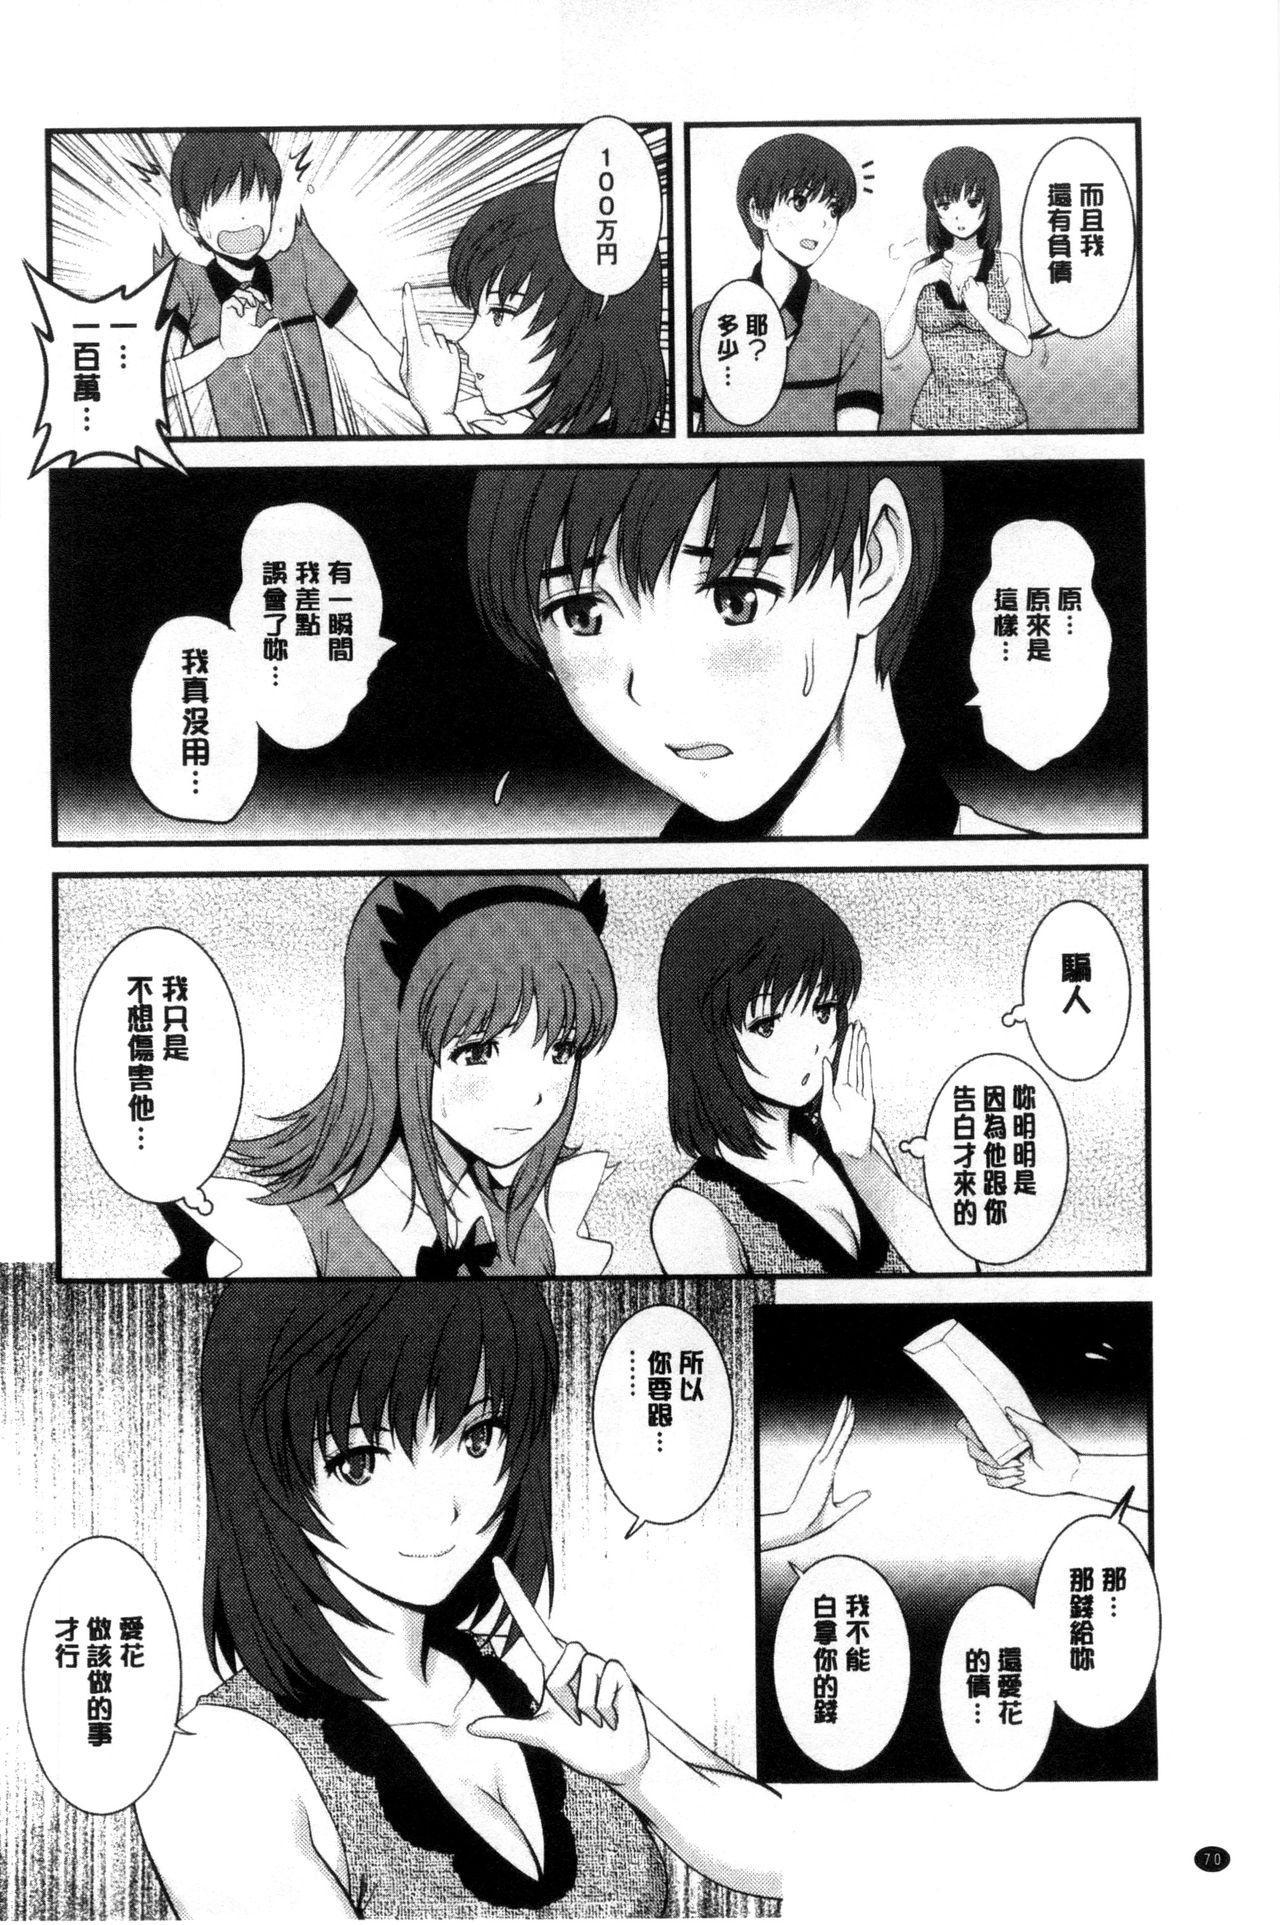 [Saigado] Part Time Manaka-san Wakazuma Enjokousai-ki | 兼職打工的愛花小姐 [Chinese] 70